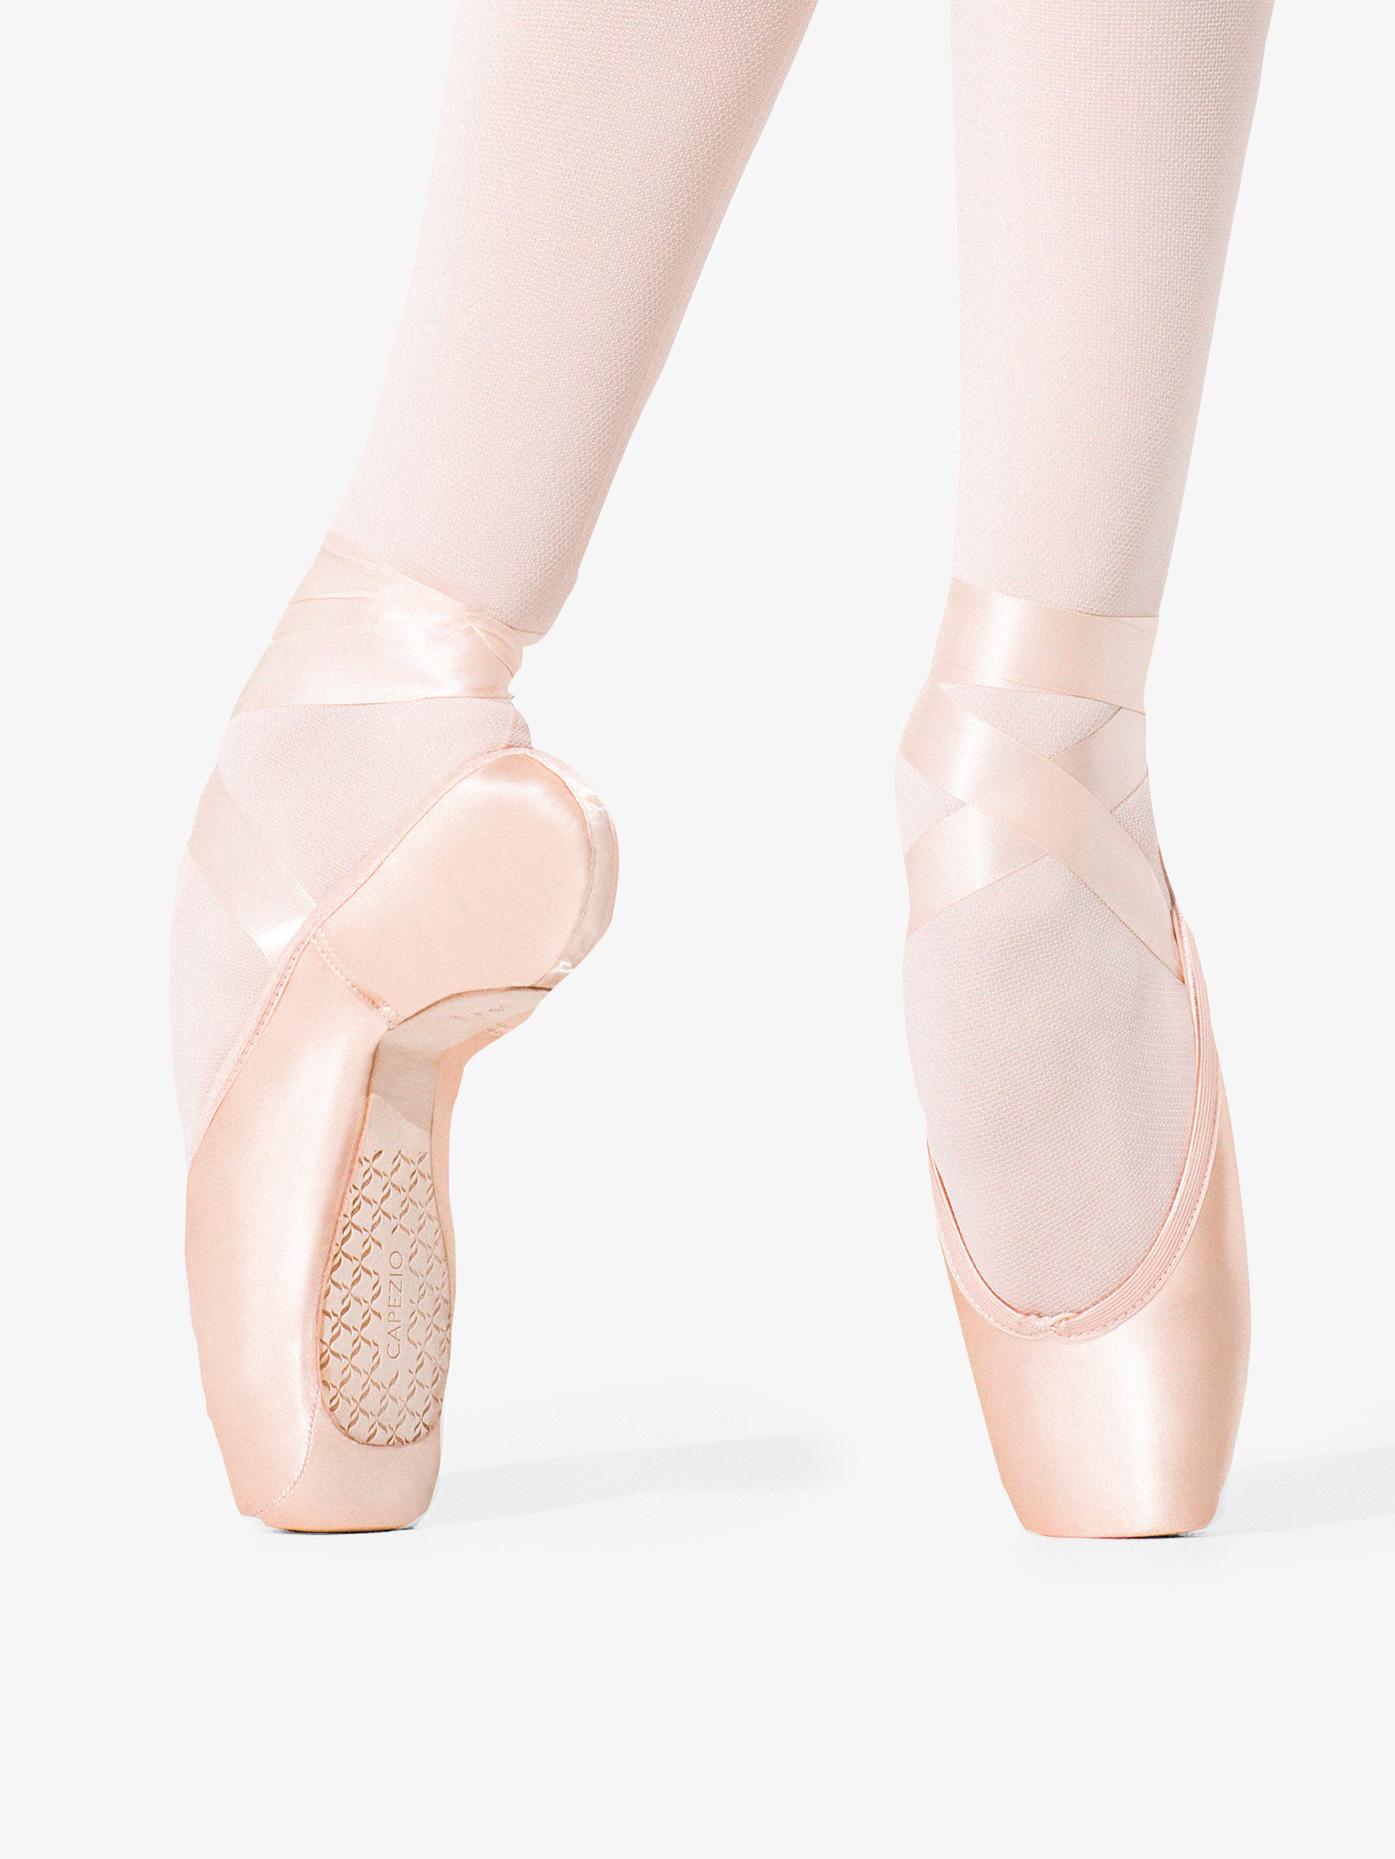 Capezio Womens Donatella #3 Shank Pointe Shoe 1139W